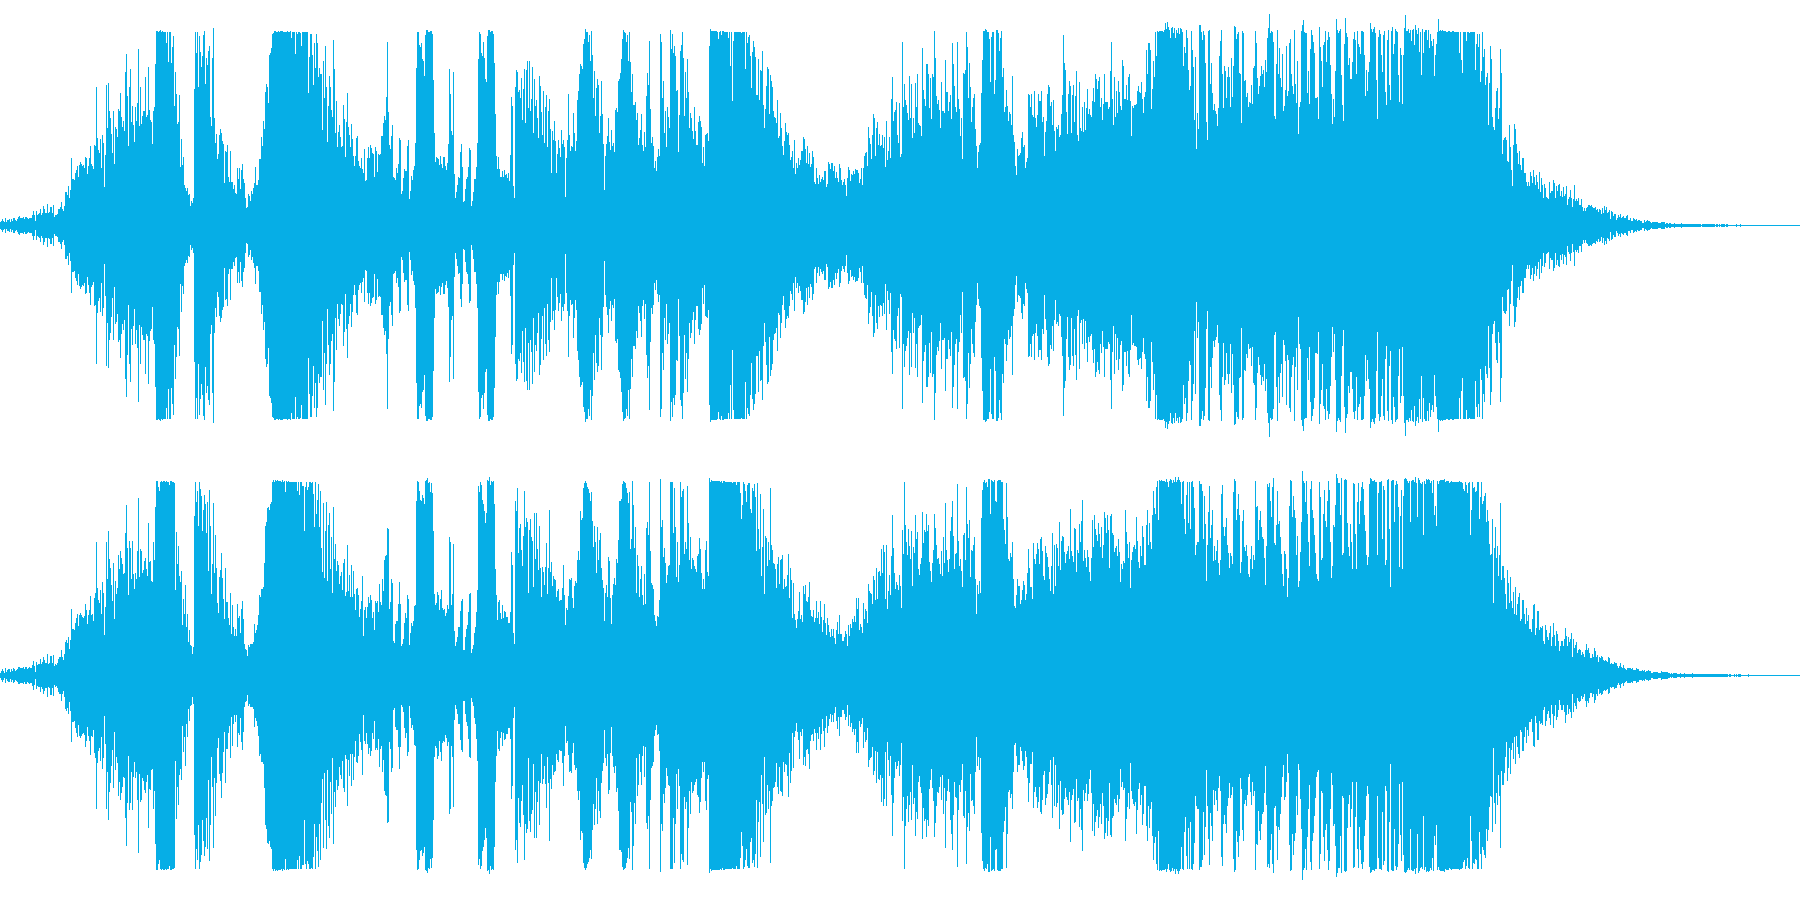 メタリックスウィッシュ、ヘビーヒッ...の再生済みの波形